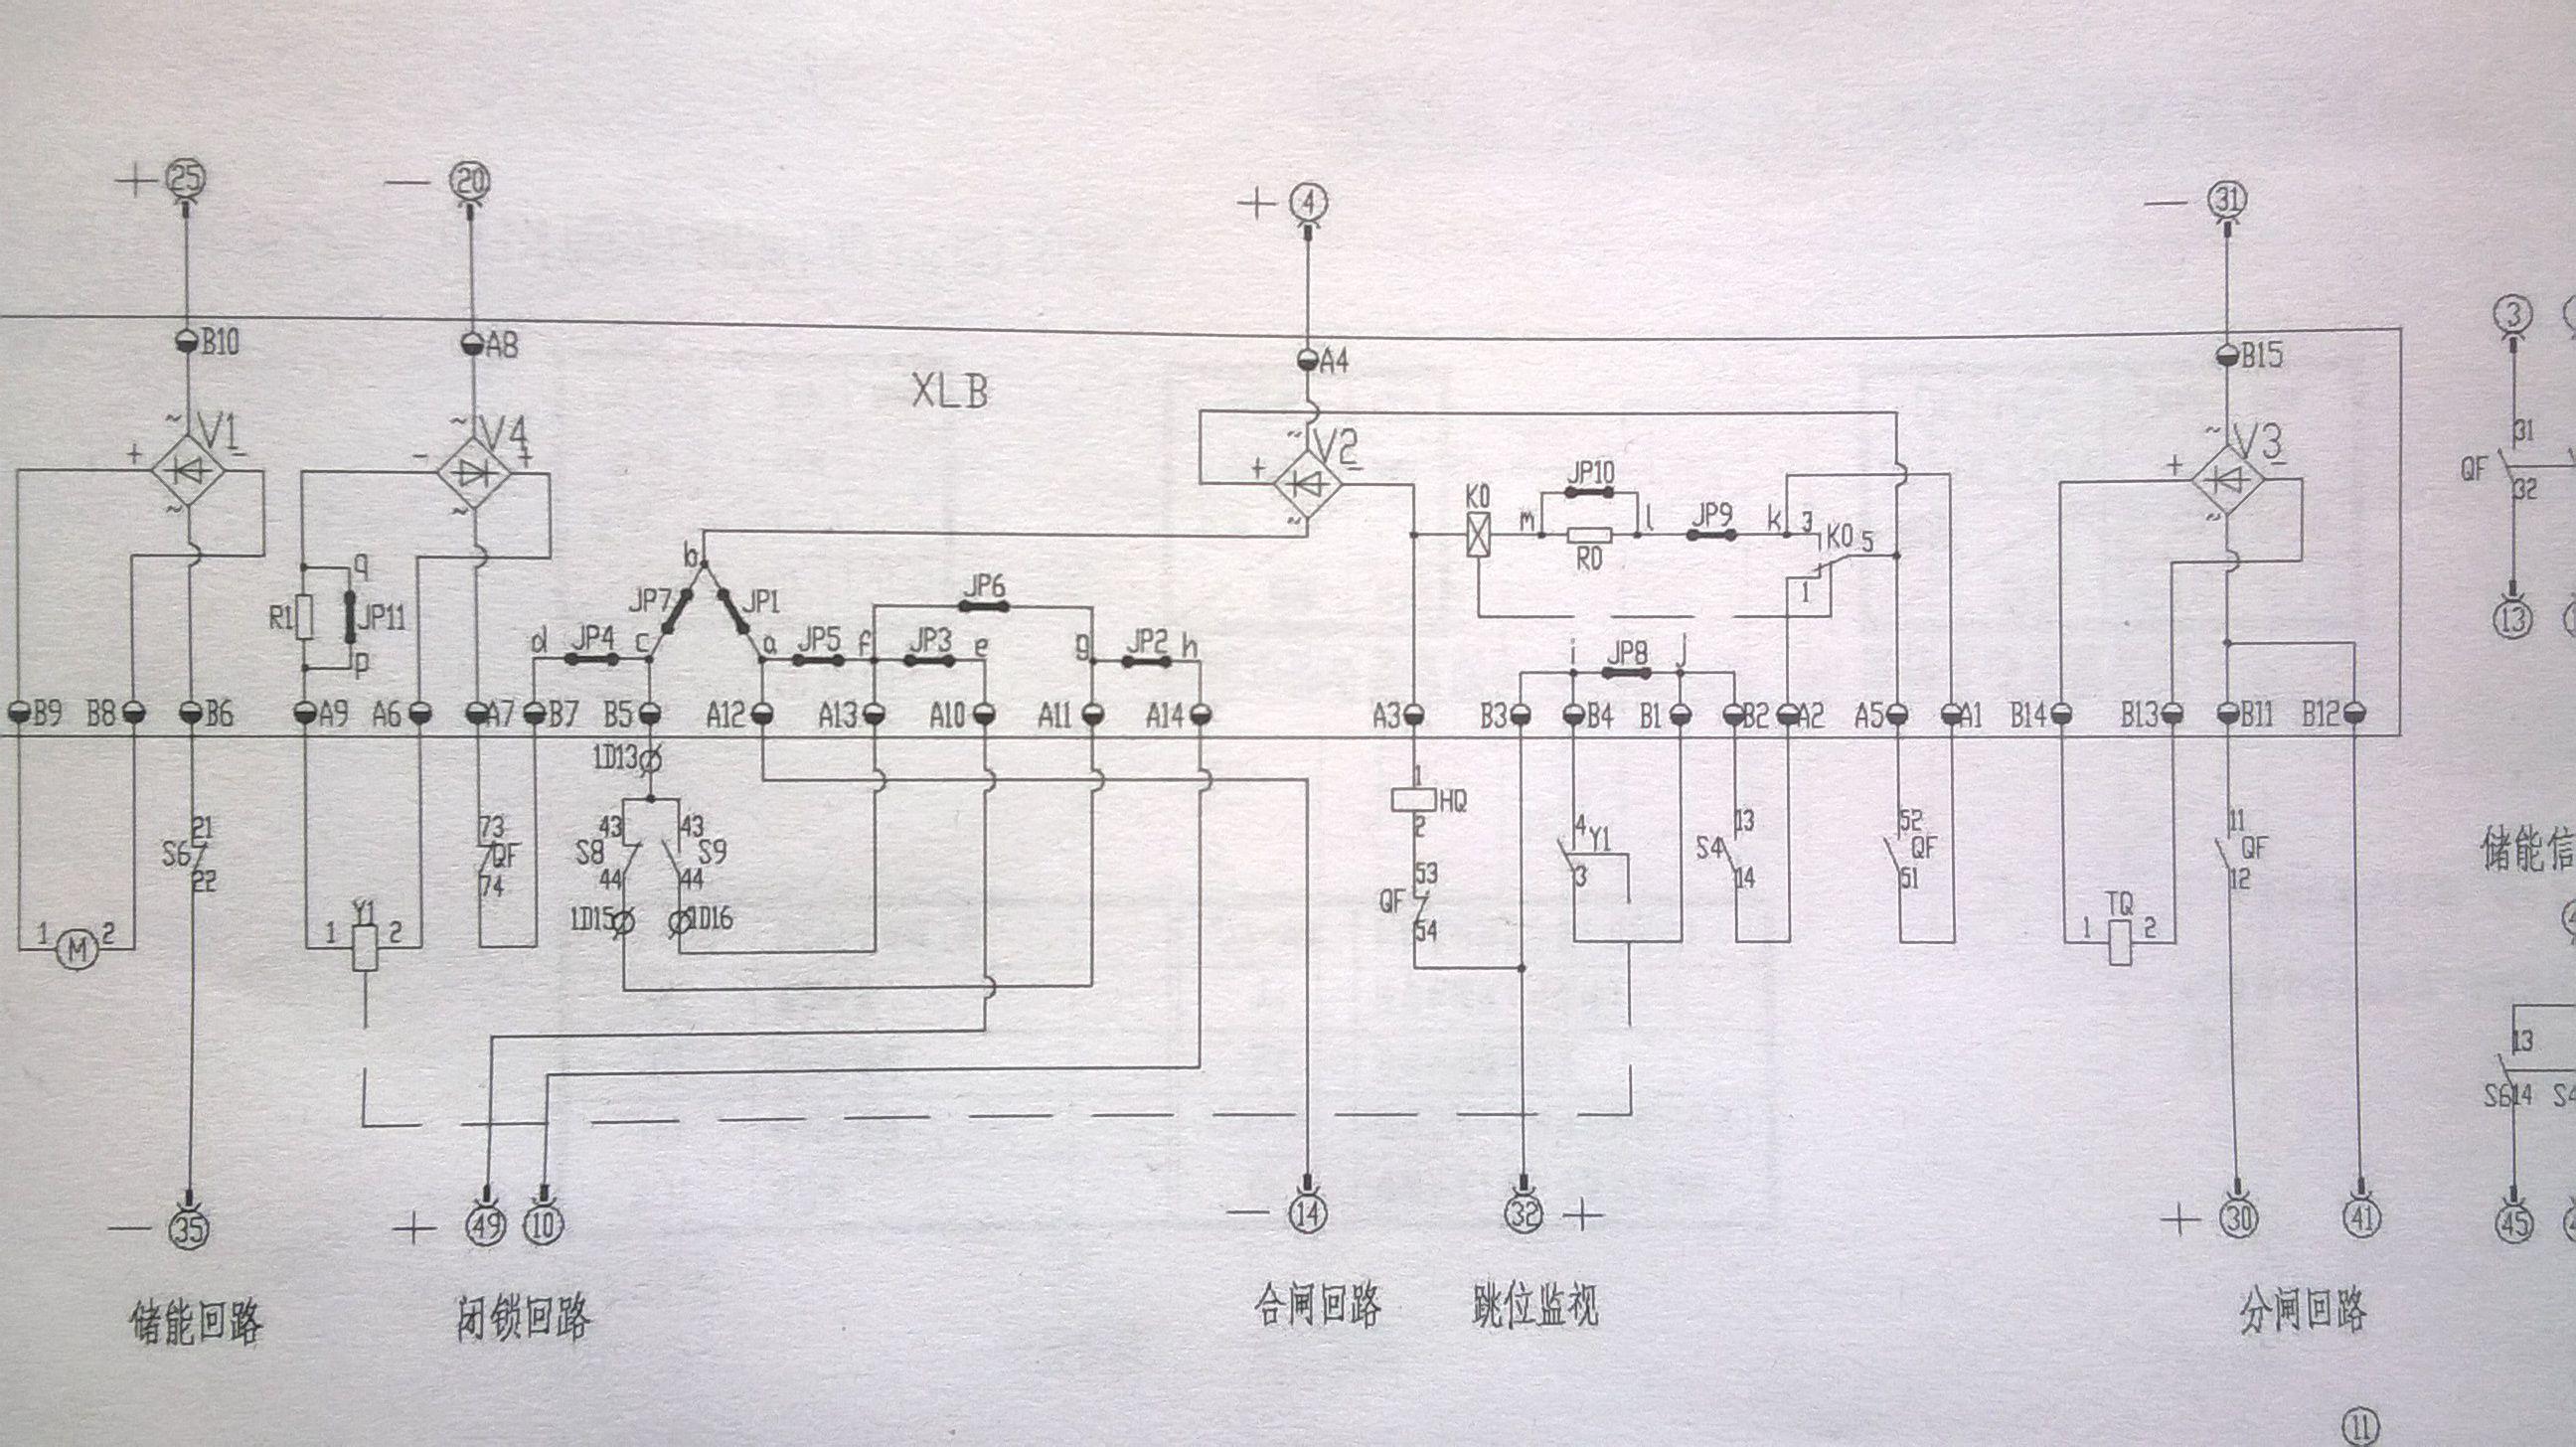 请电气工作的朋友们讲解下图中vs1真空断路器防跳回路